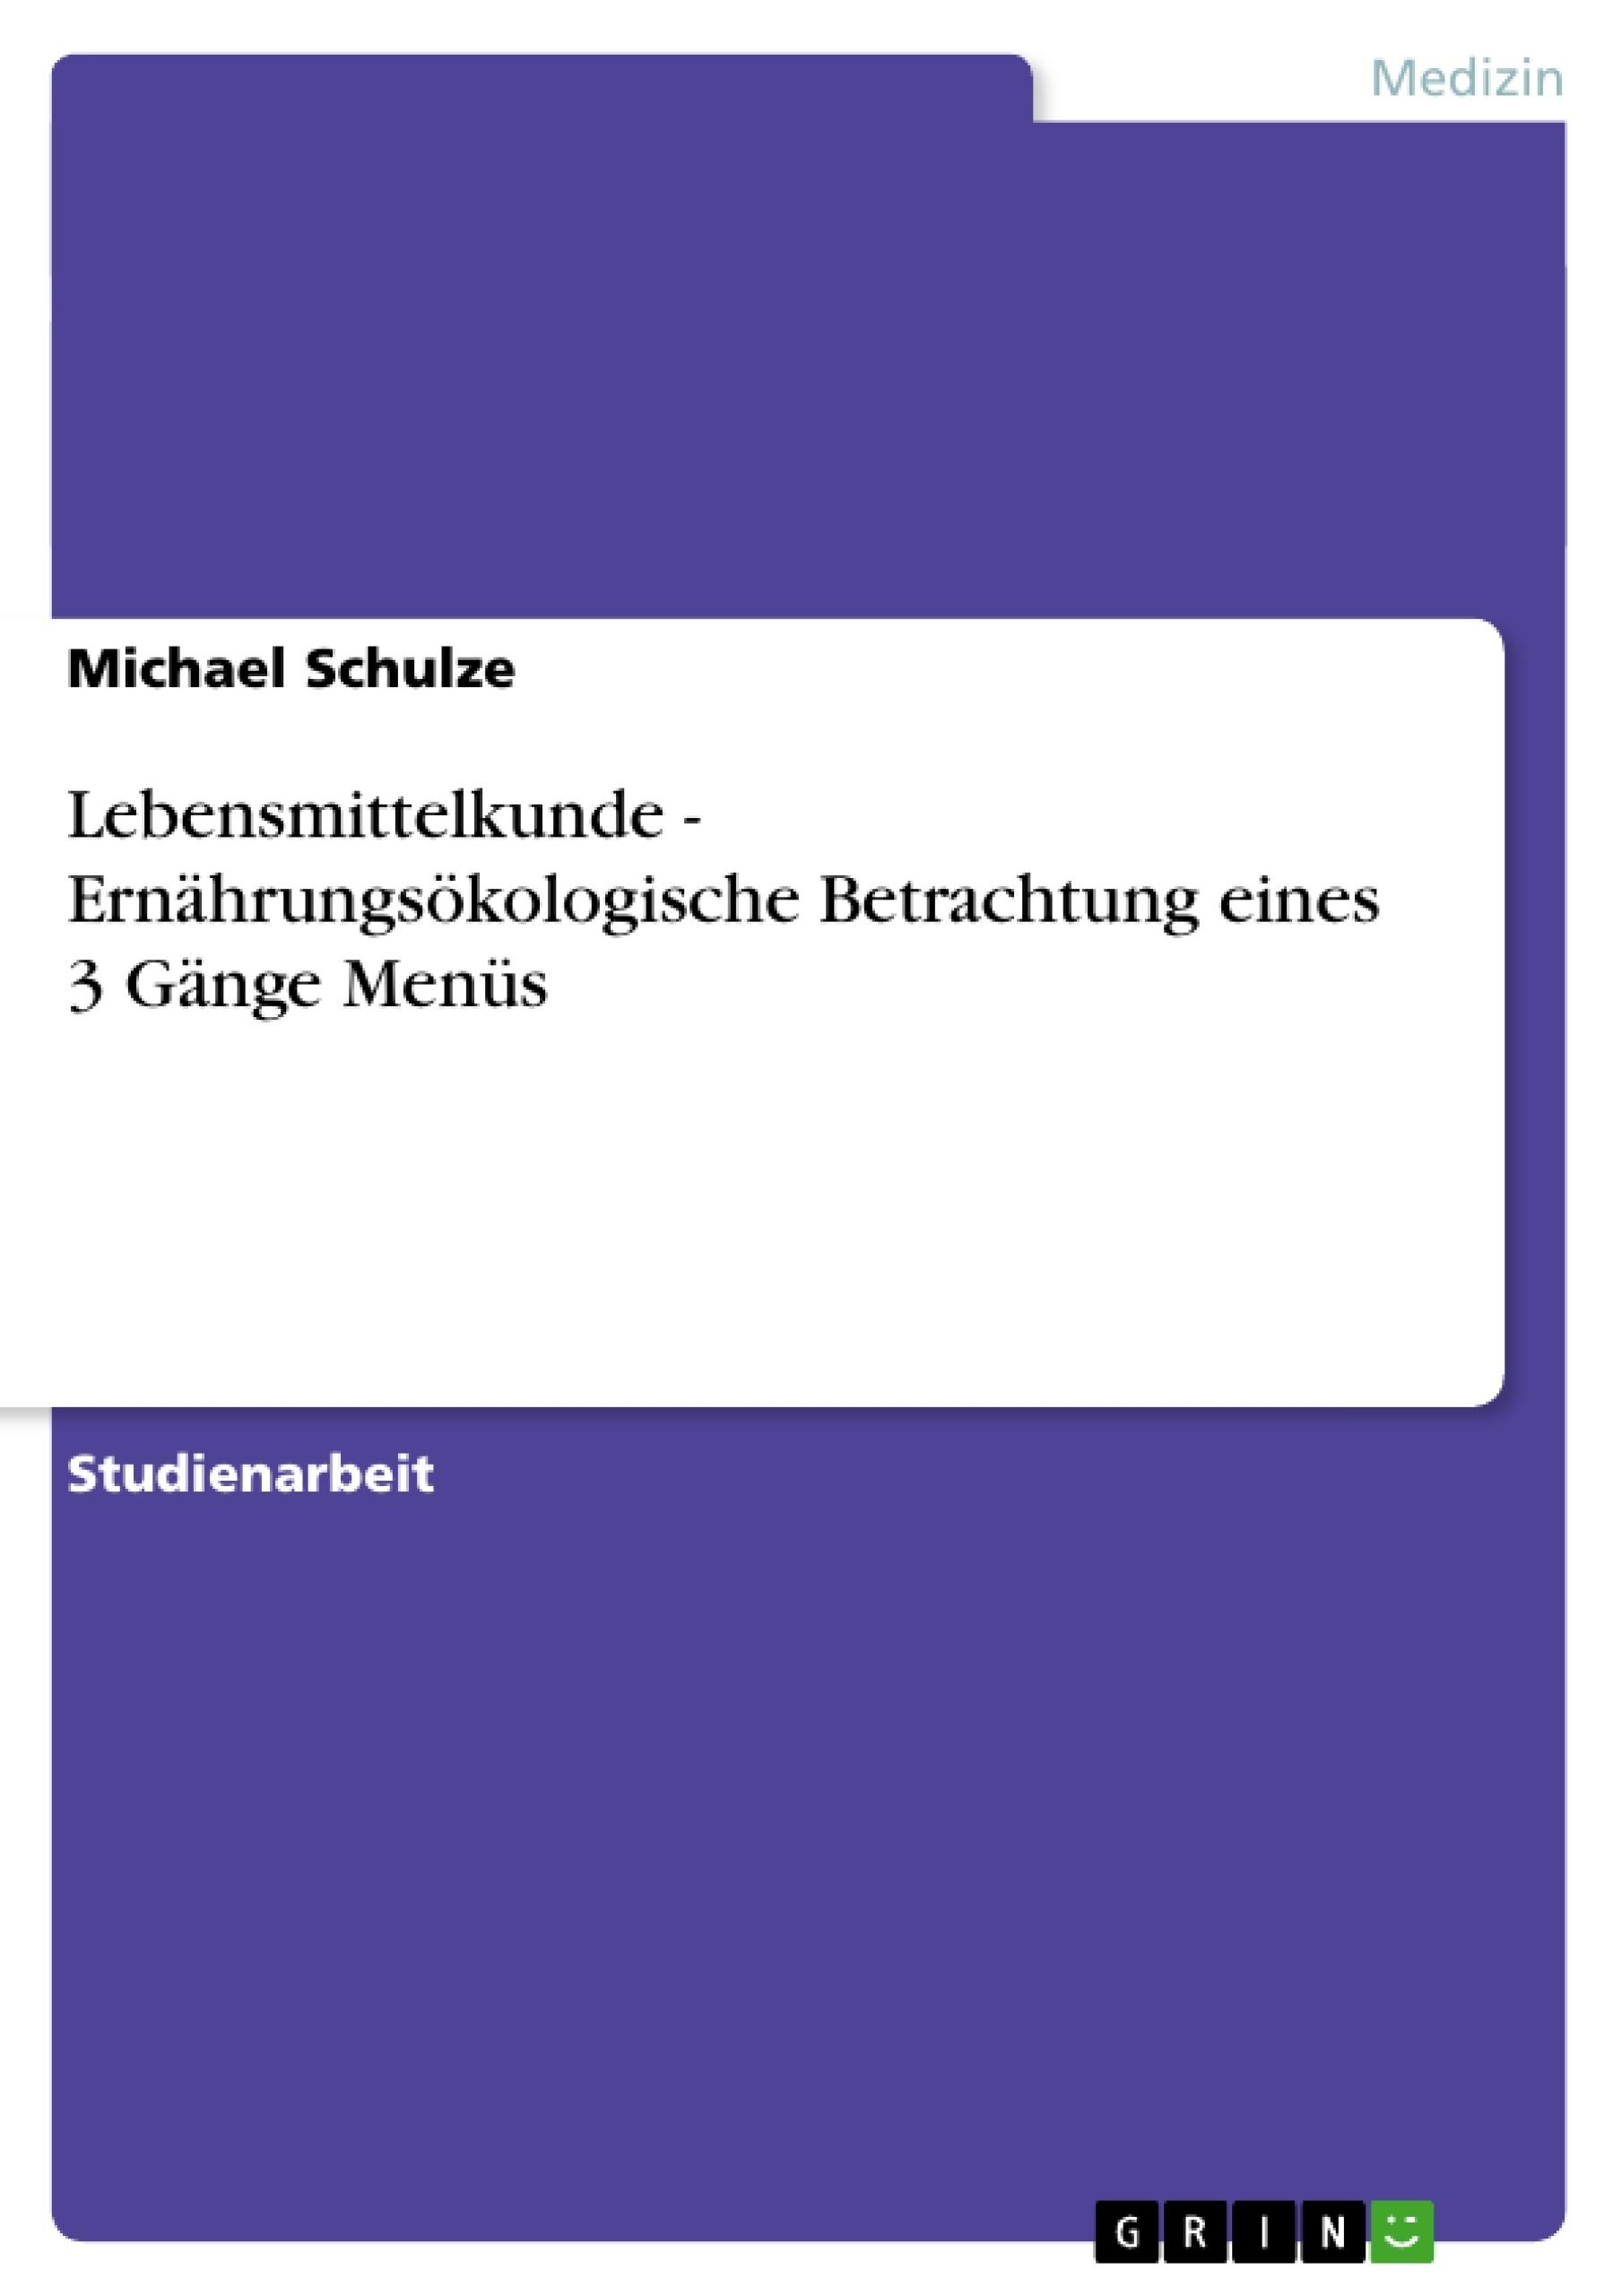 Titel: Lebensmittelkunde - Ernährungsökologische Betrachtung eines 3 Gänge Menüs